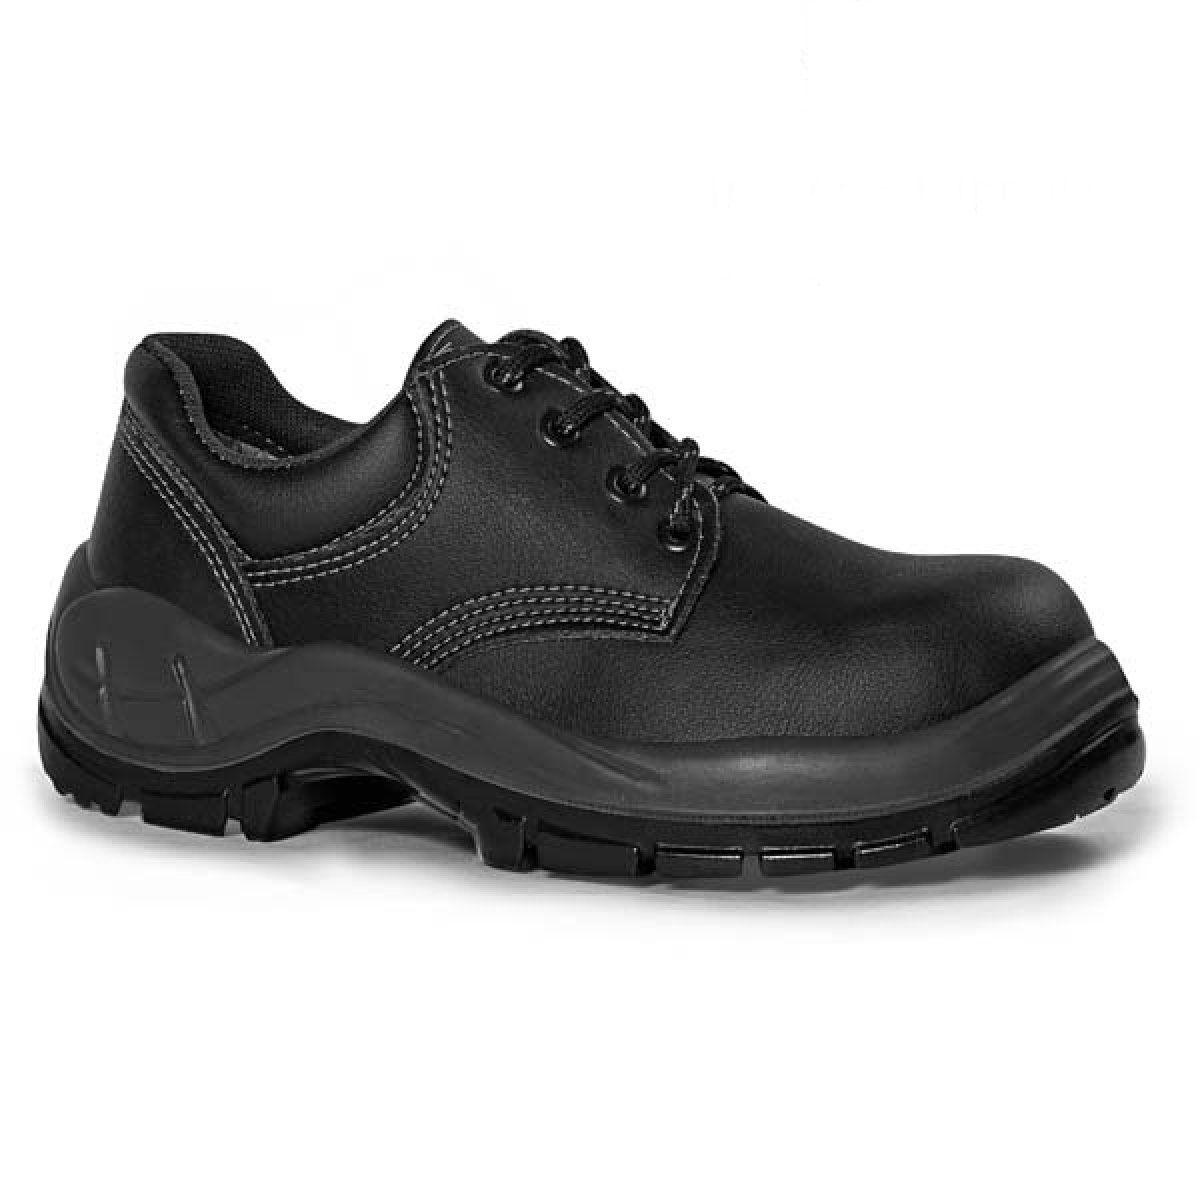 Sapato c/ Cadarço Bidensidade s/ Bico de Aço Preto N°40 - BRACOL